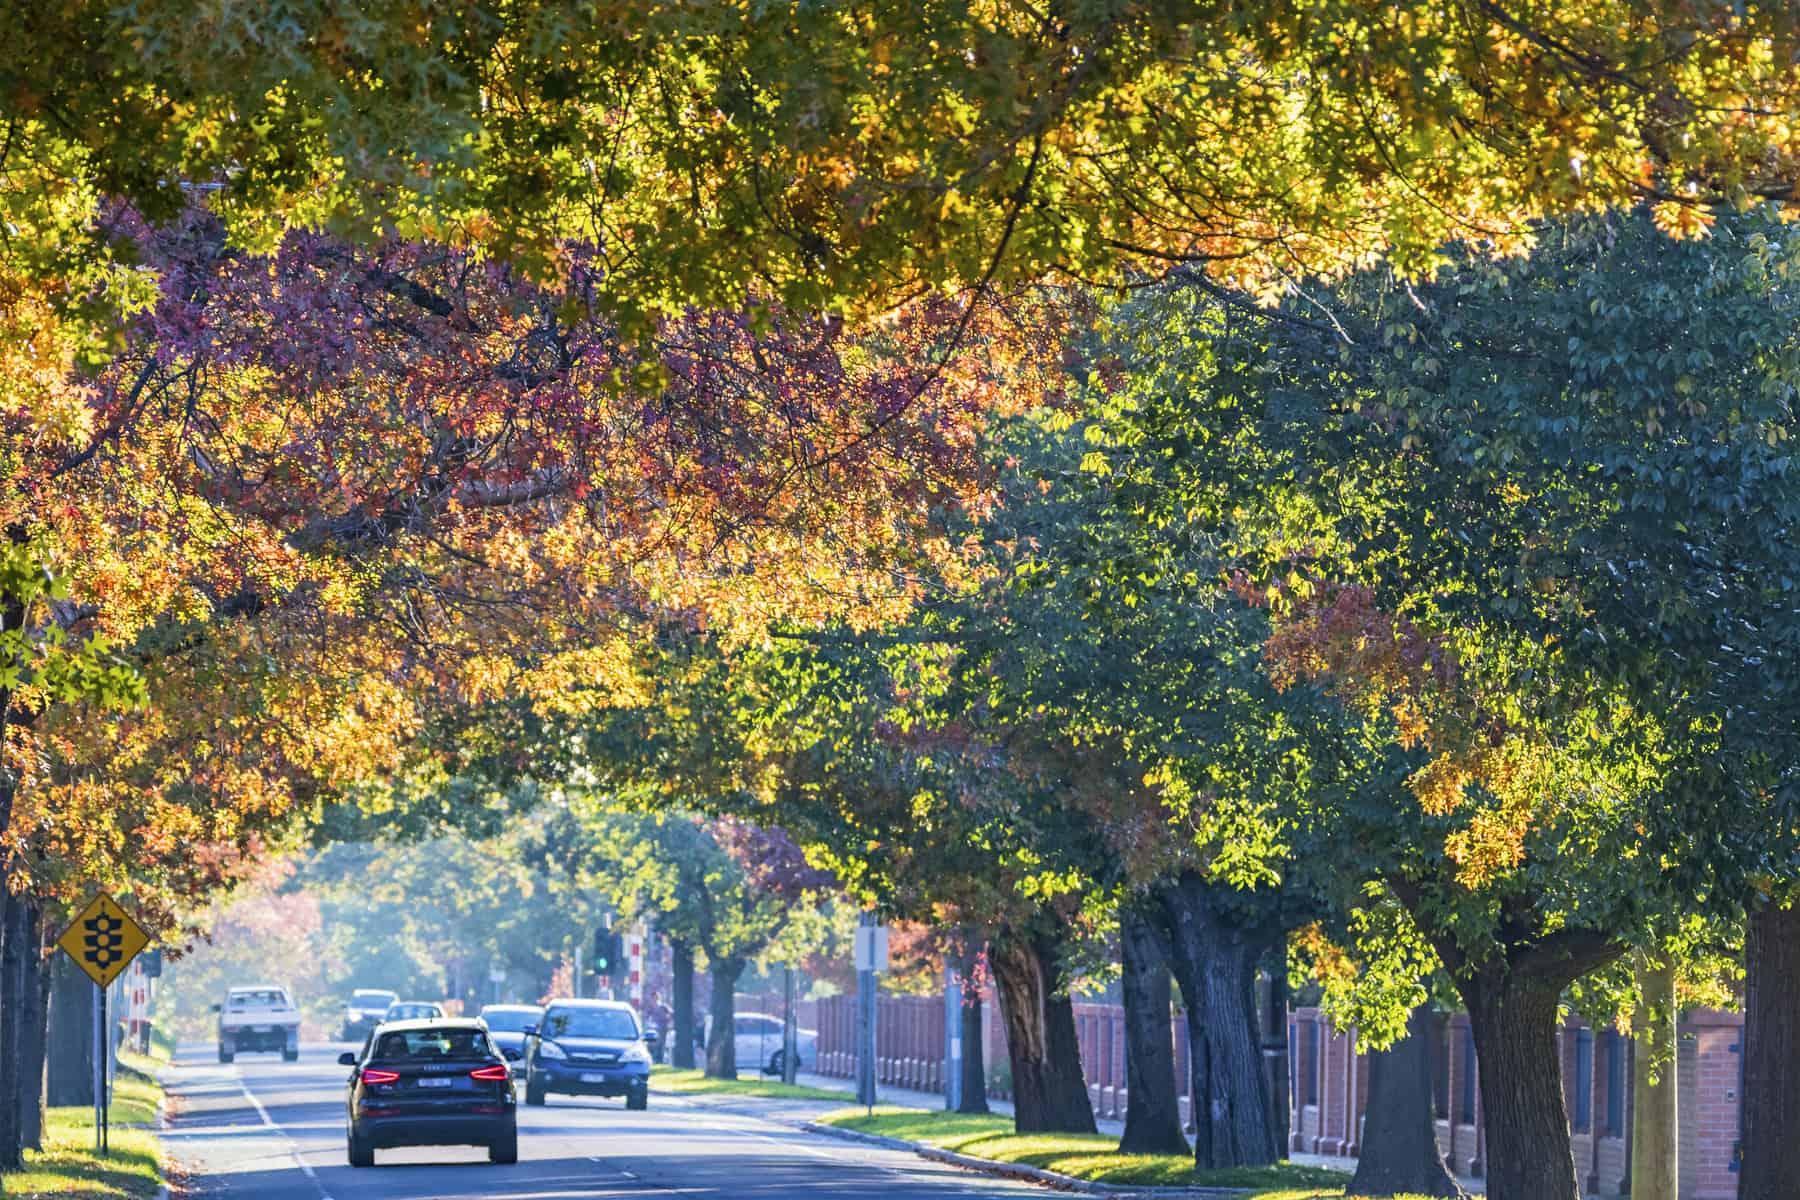 Australia's beautiful leafy suburbs in autumn